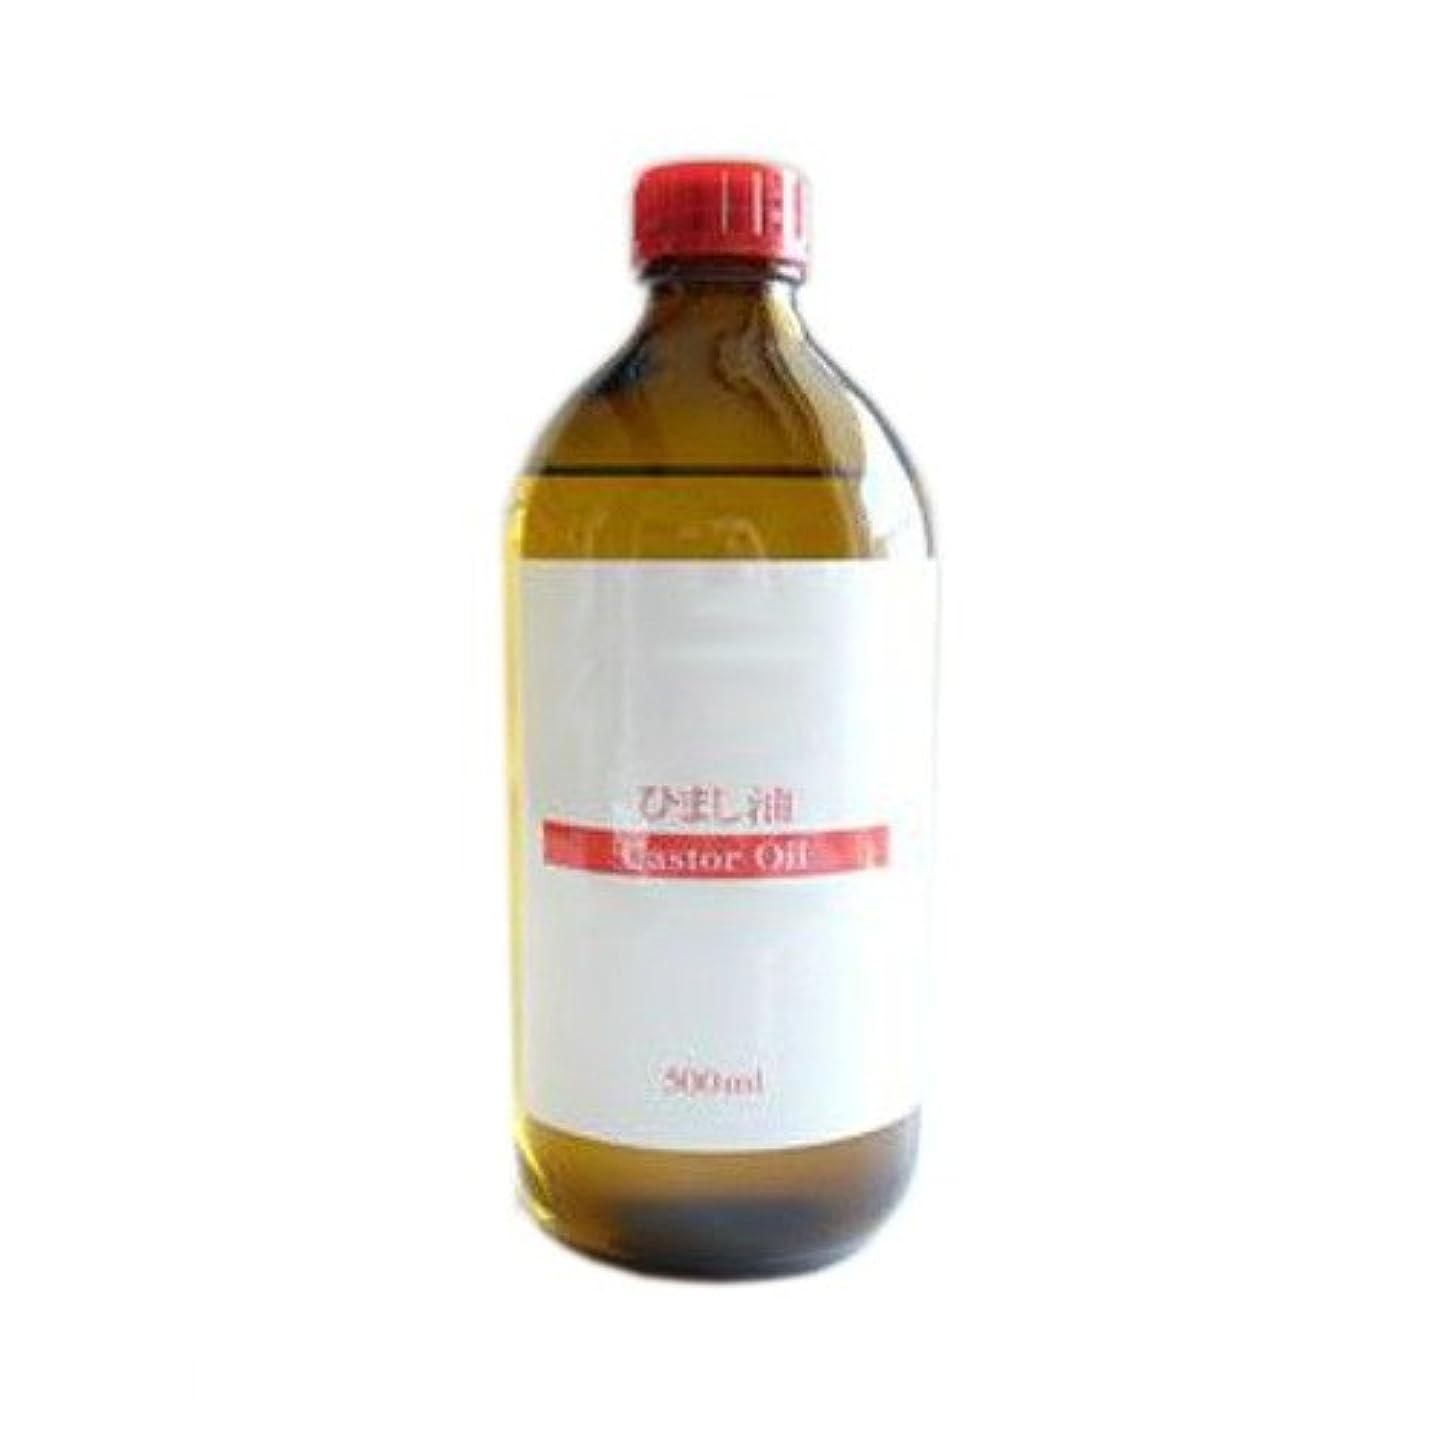 オーラルペインギリックシエスタひまし油 (キャスターオイル) 500ml